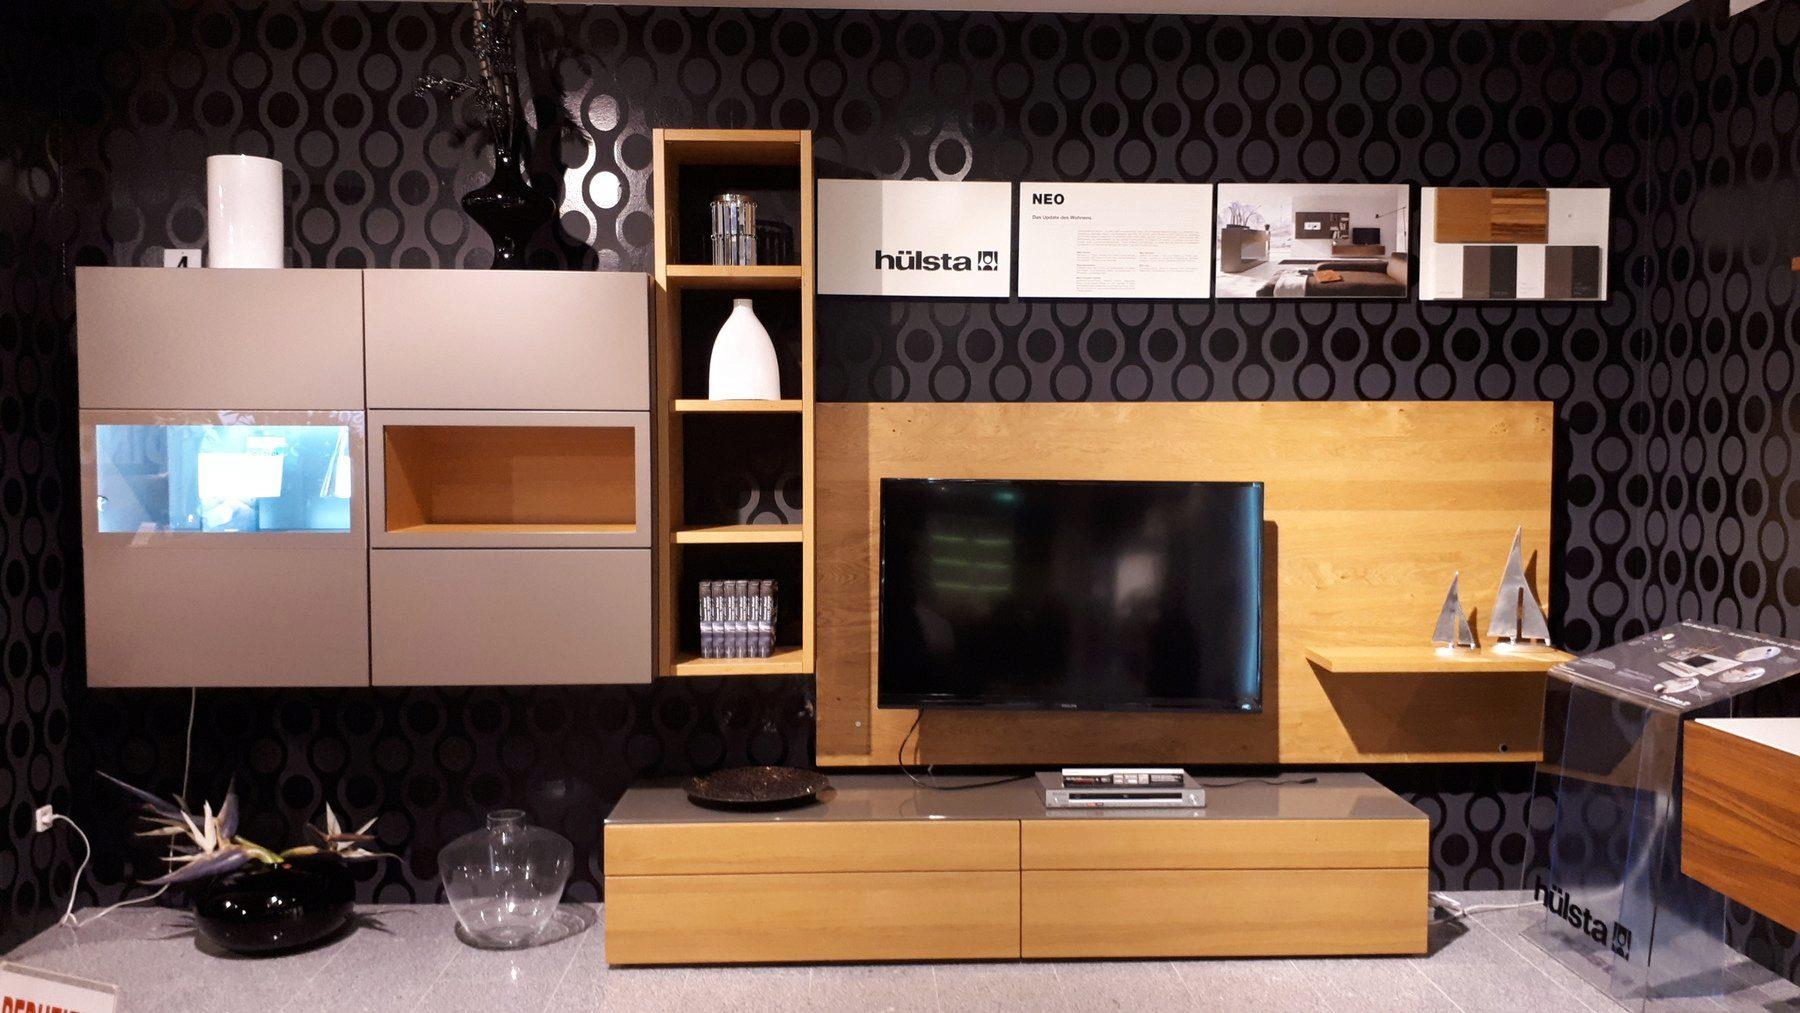 Wohnwand Neo Neo Hülsta Mobl Günstige Möbel Online Kaufen